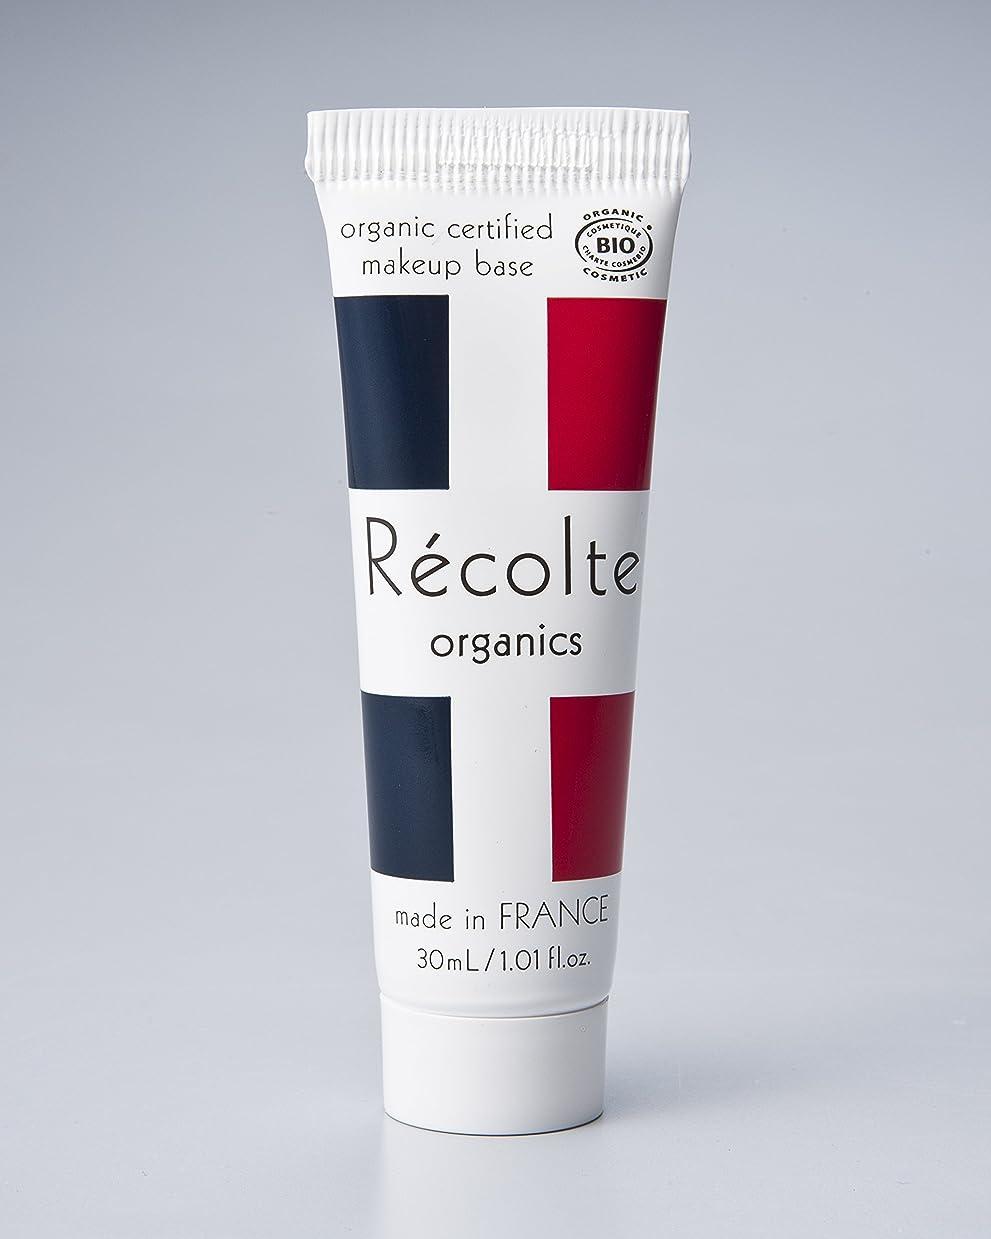 暴露感謝祭リスRecolte organics natural makeup base レコルトオーガニック ナチュラルメイクアップベース 化粧下地 SPF15 30ml